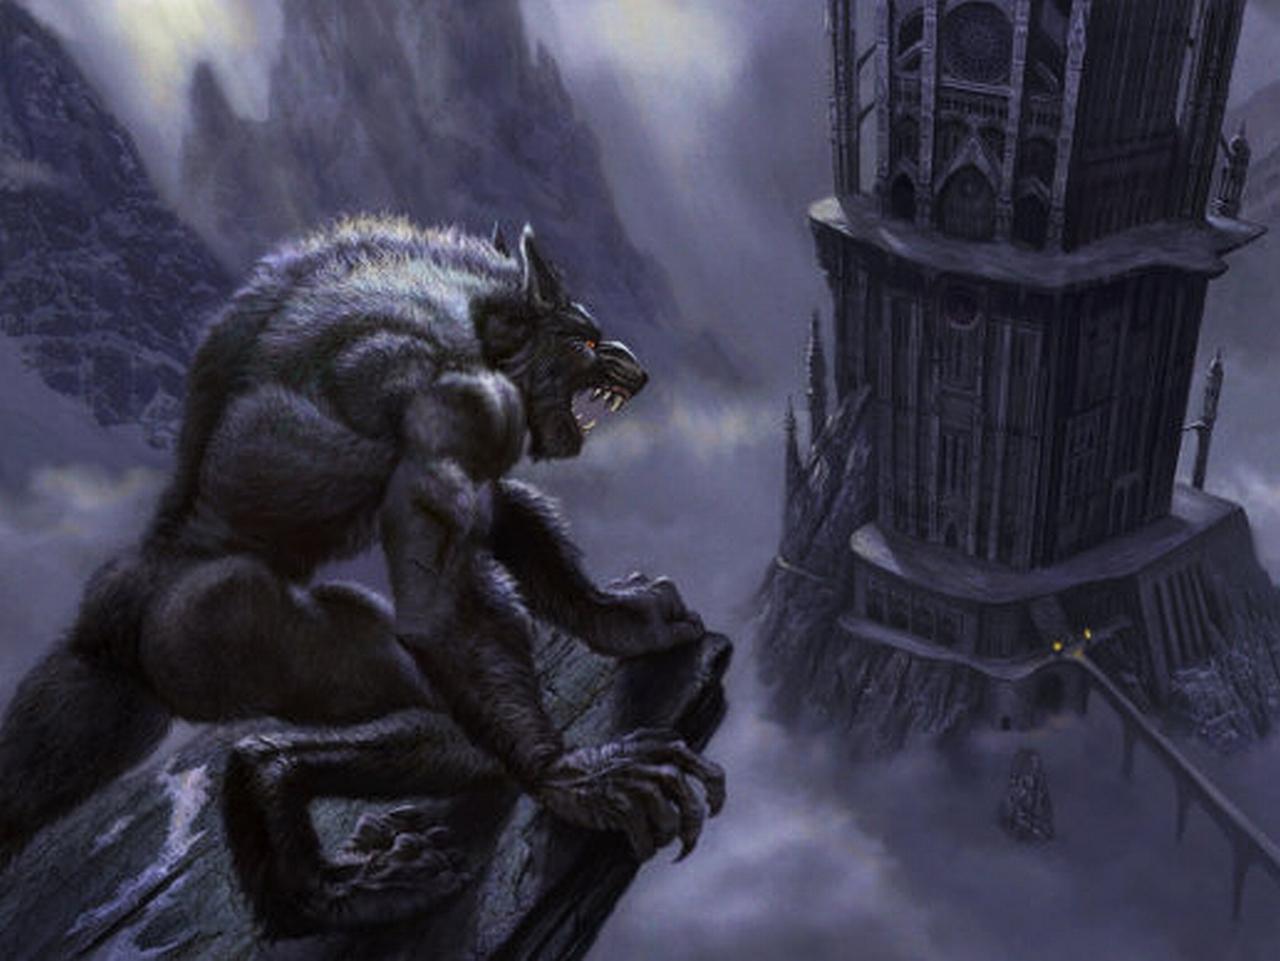 Dark Werewolf Wallpaper 1280x961 Dark Werewolf 1280x961